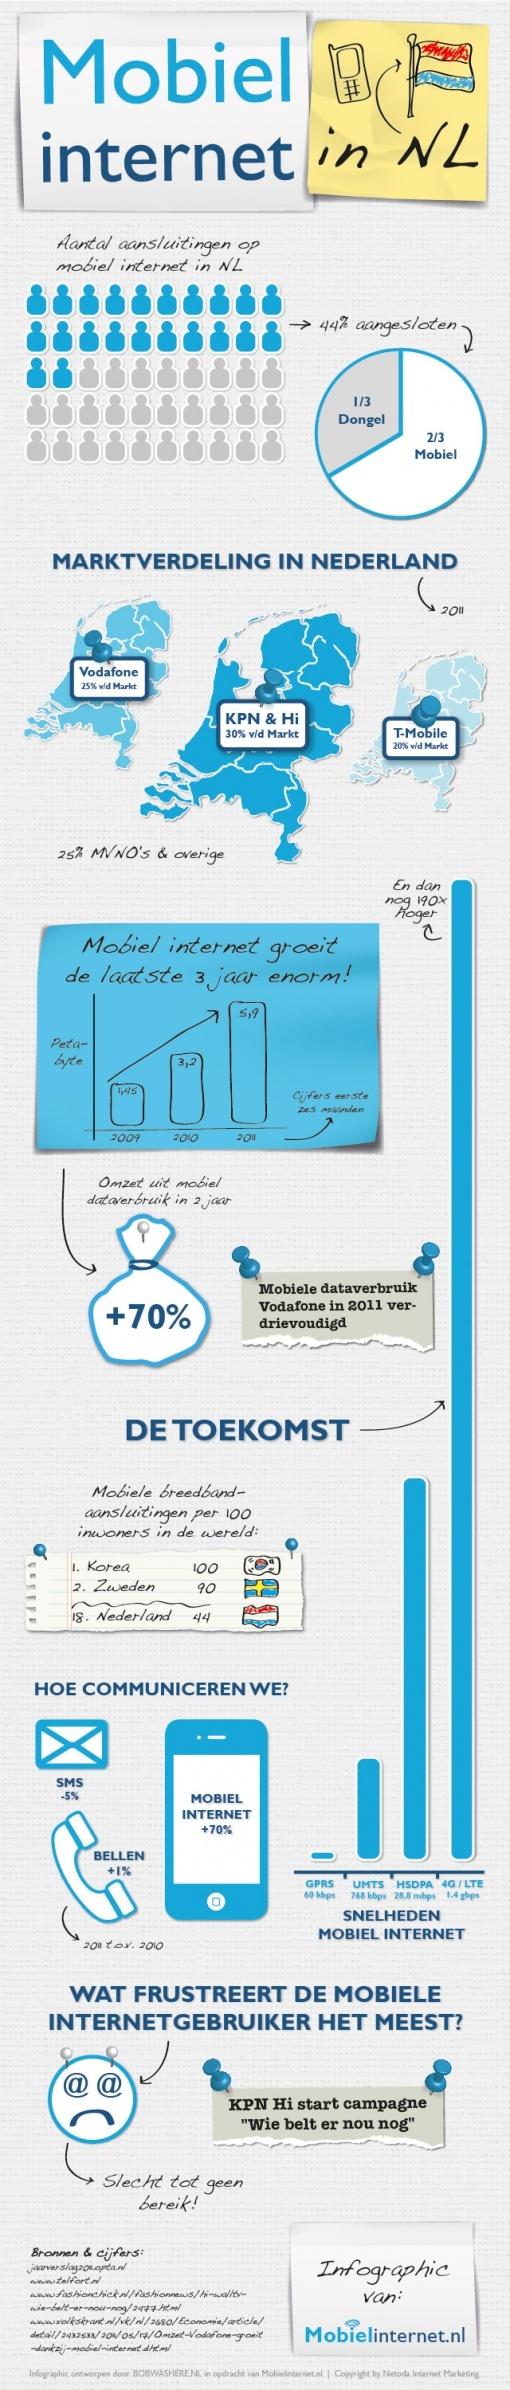 Hoe staat het met Mobiel Internet in Nederland?